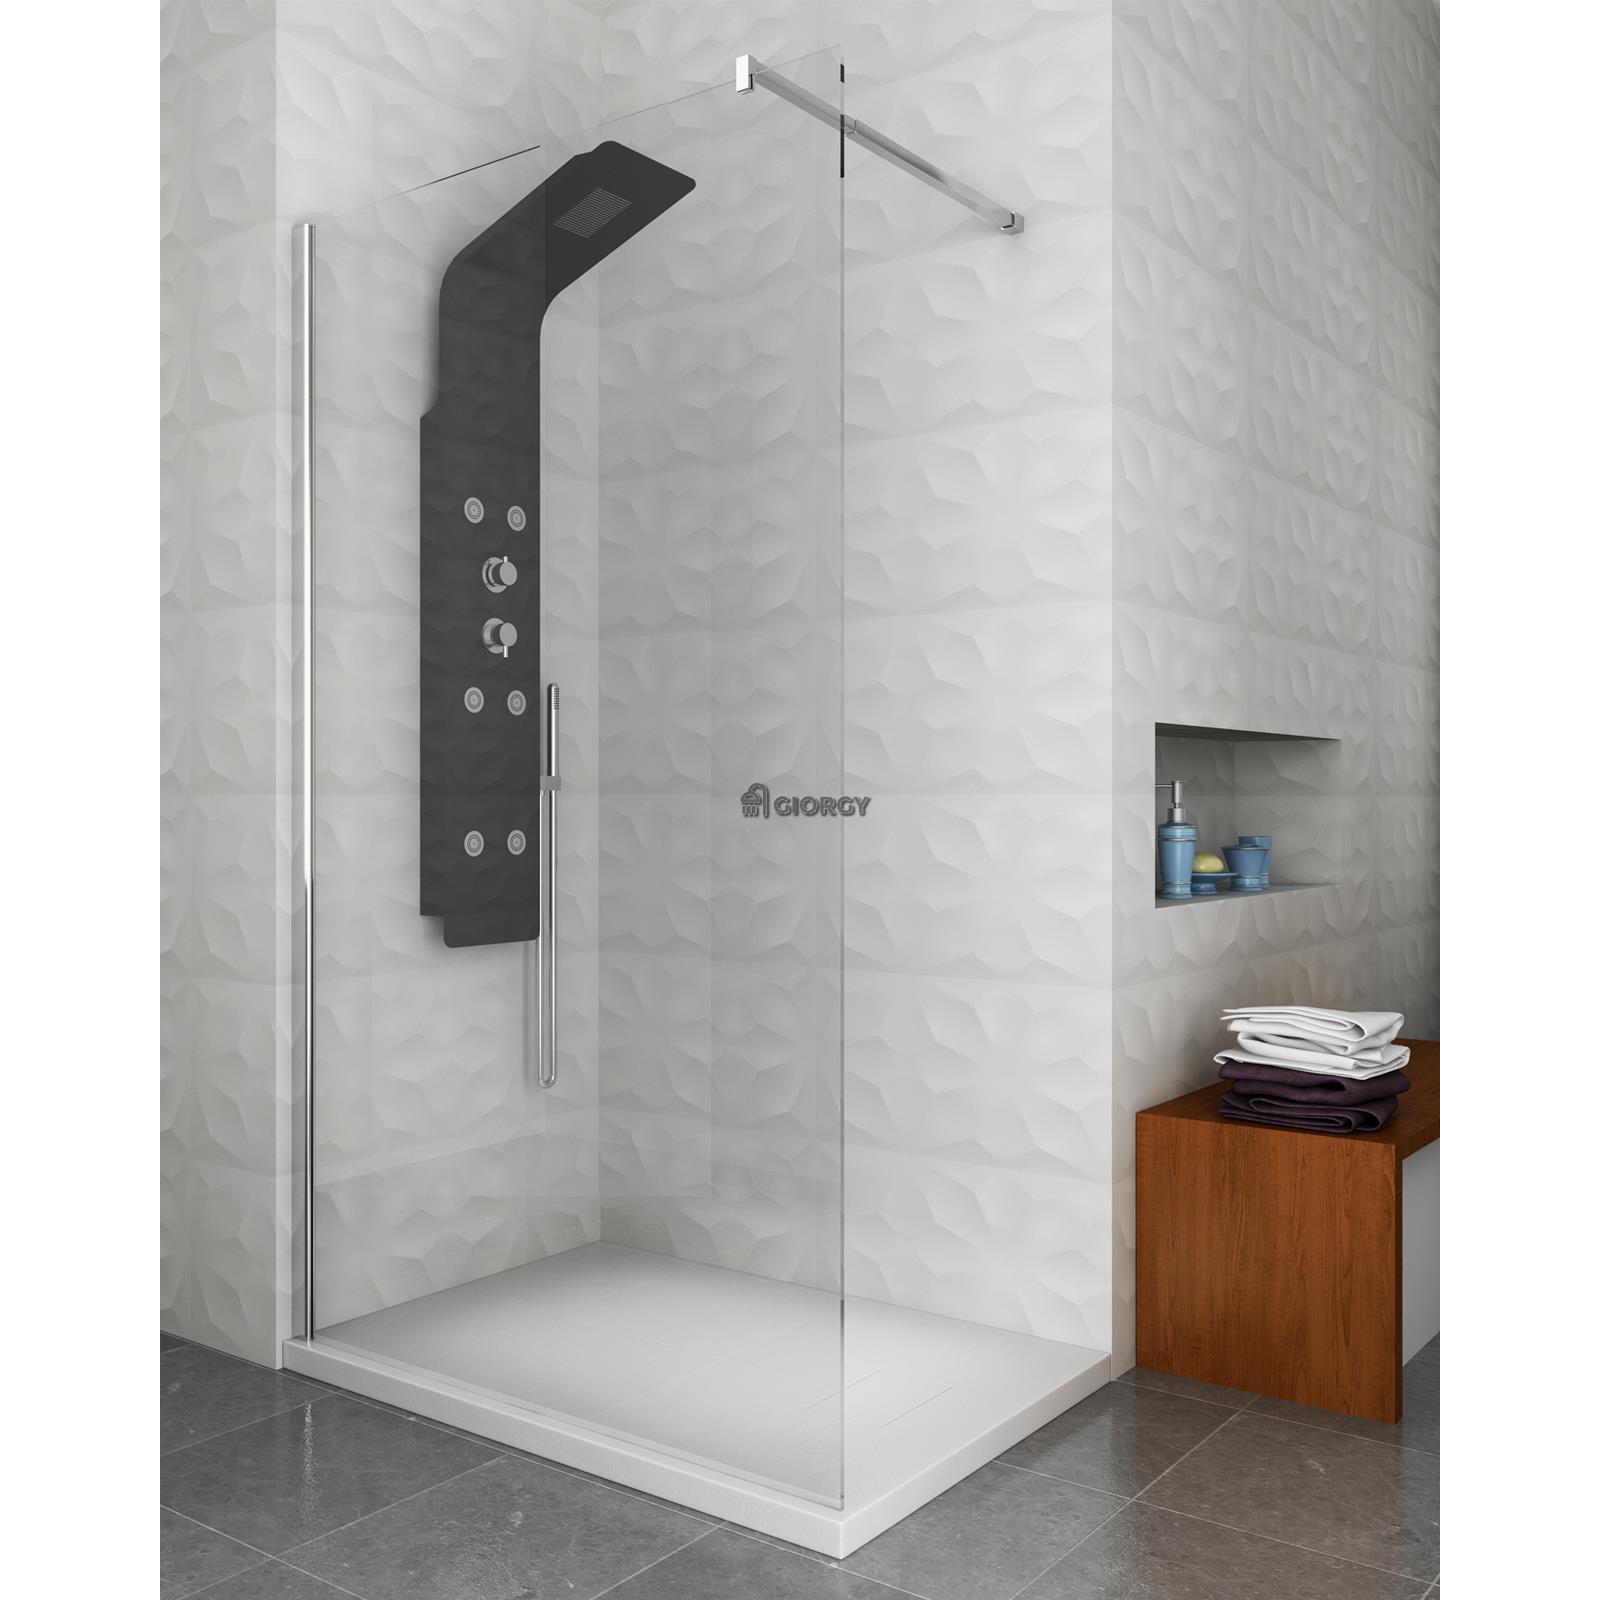 Pannello colonna doccia idromassaggio alluminio nero doccino soffione bagno idro ebay - Siliconare box doccia interno o esterno ...